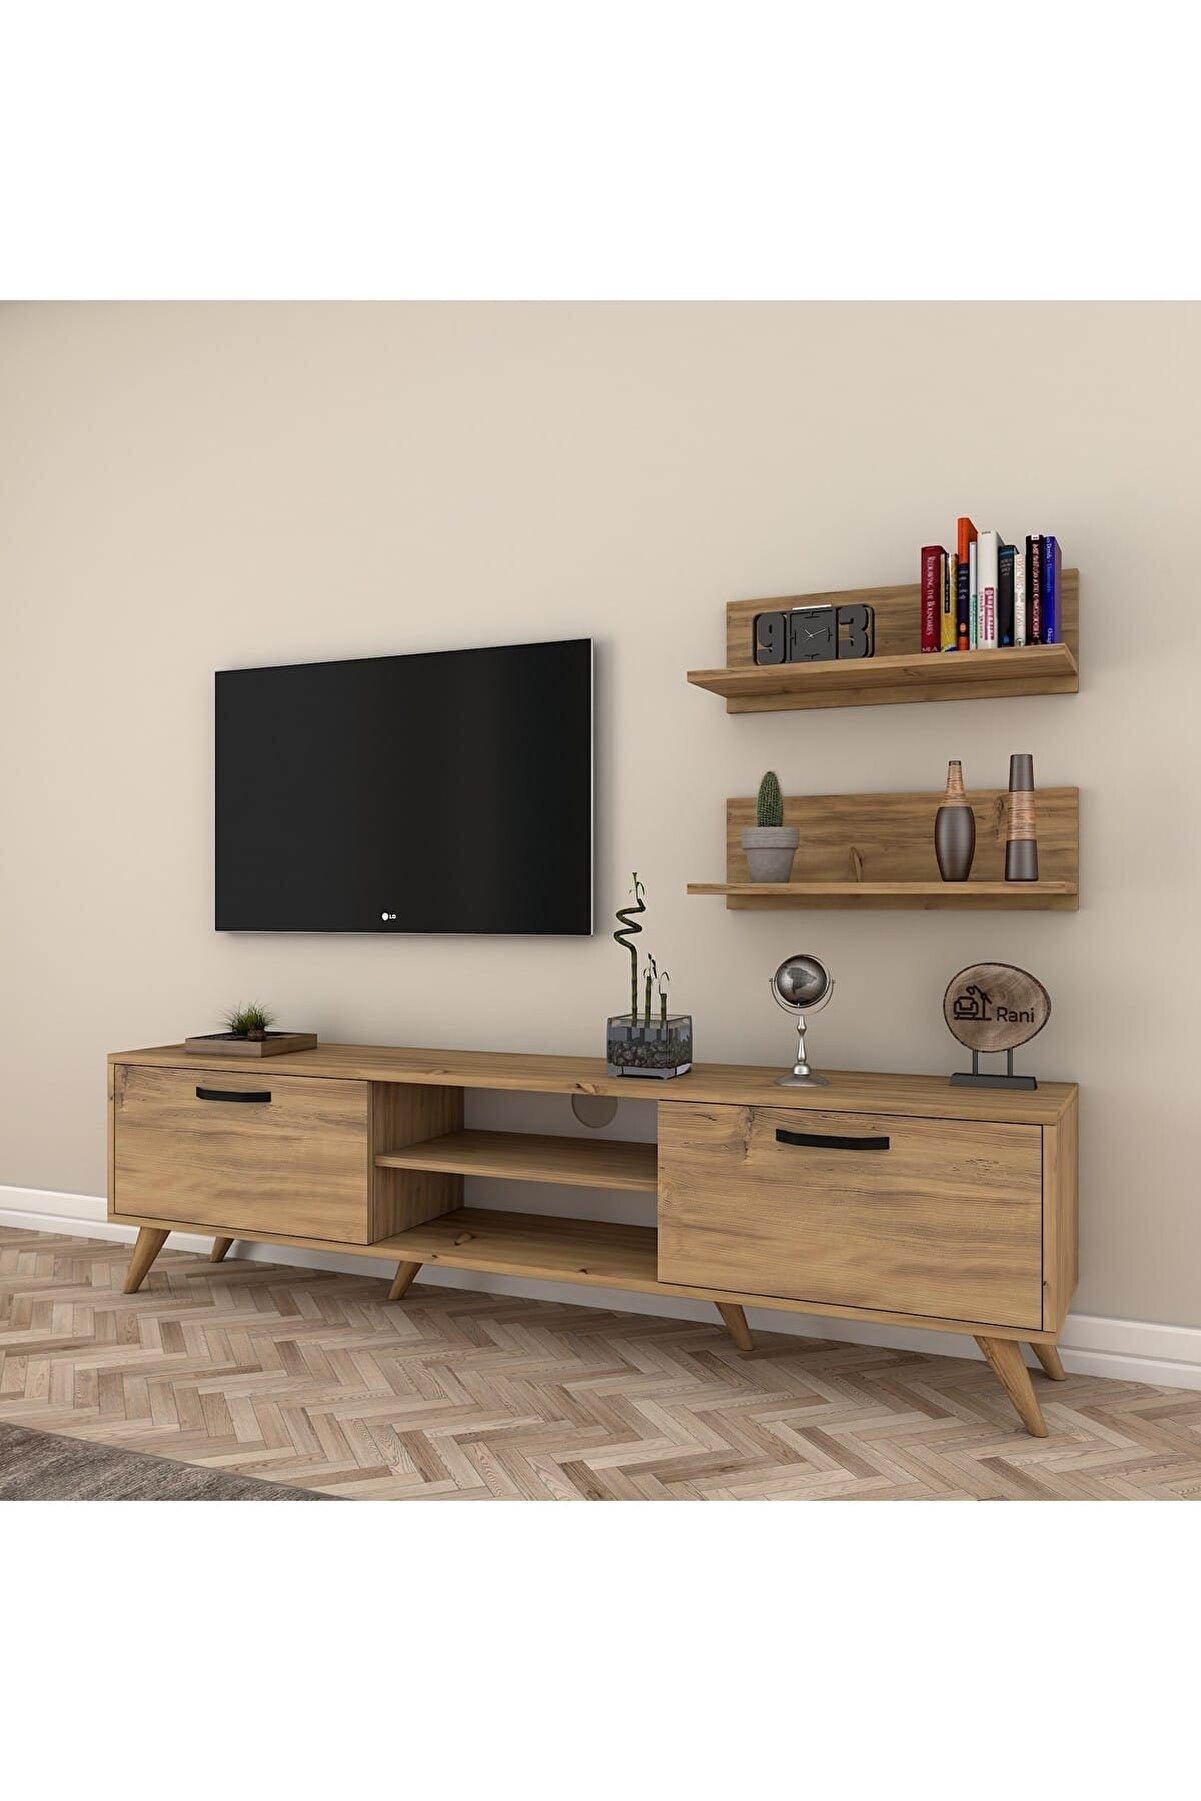 Rani Mobilya Rani A5 Duvar Raflı Kitaplıklı Tv Ünitesi Modern Ayaklı Tv Sehpası Ceviz M48